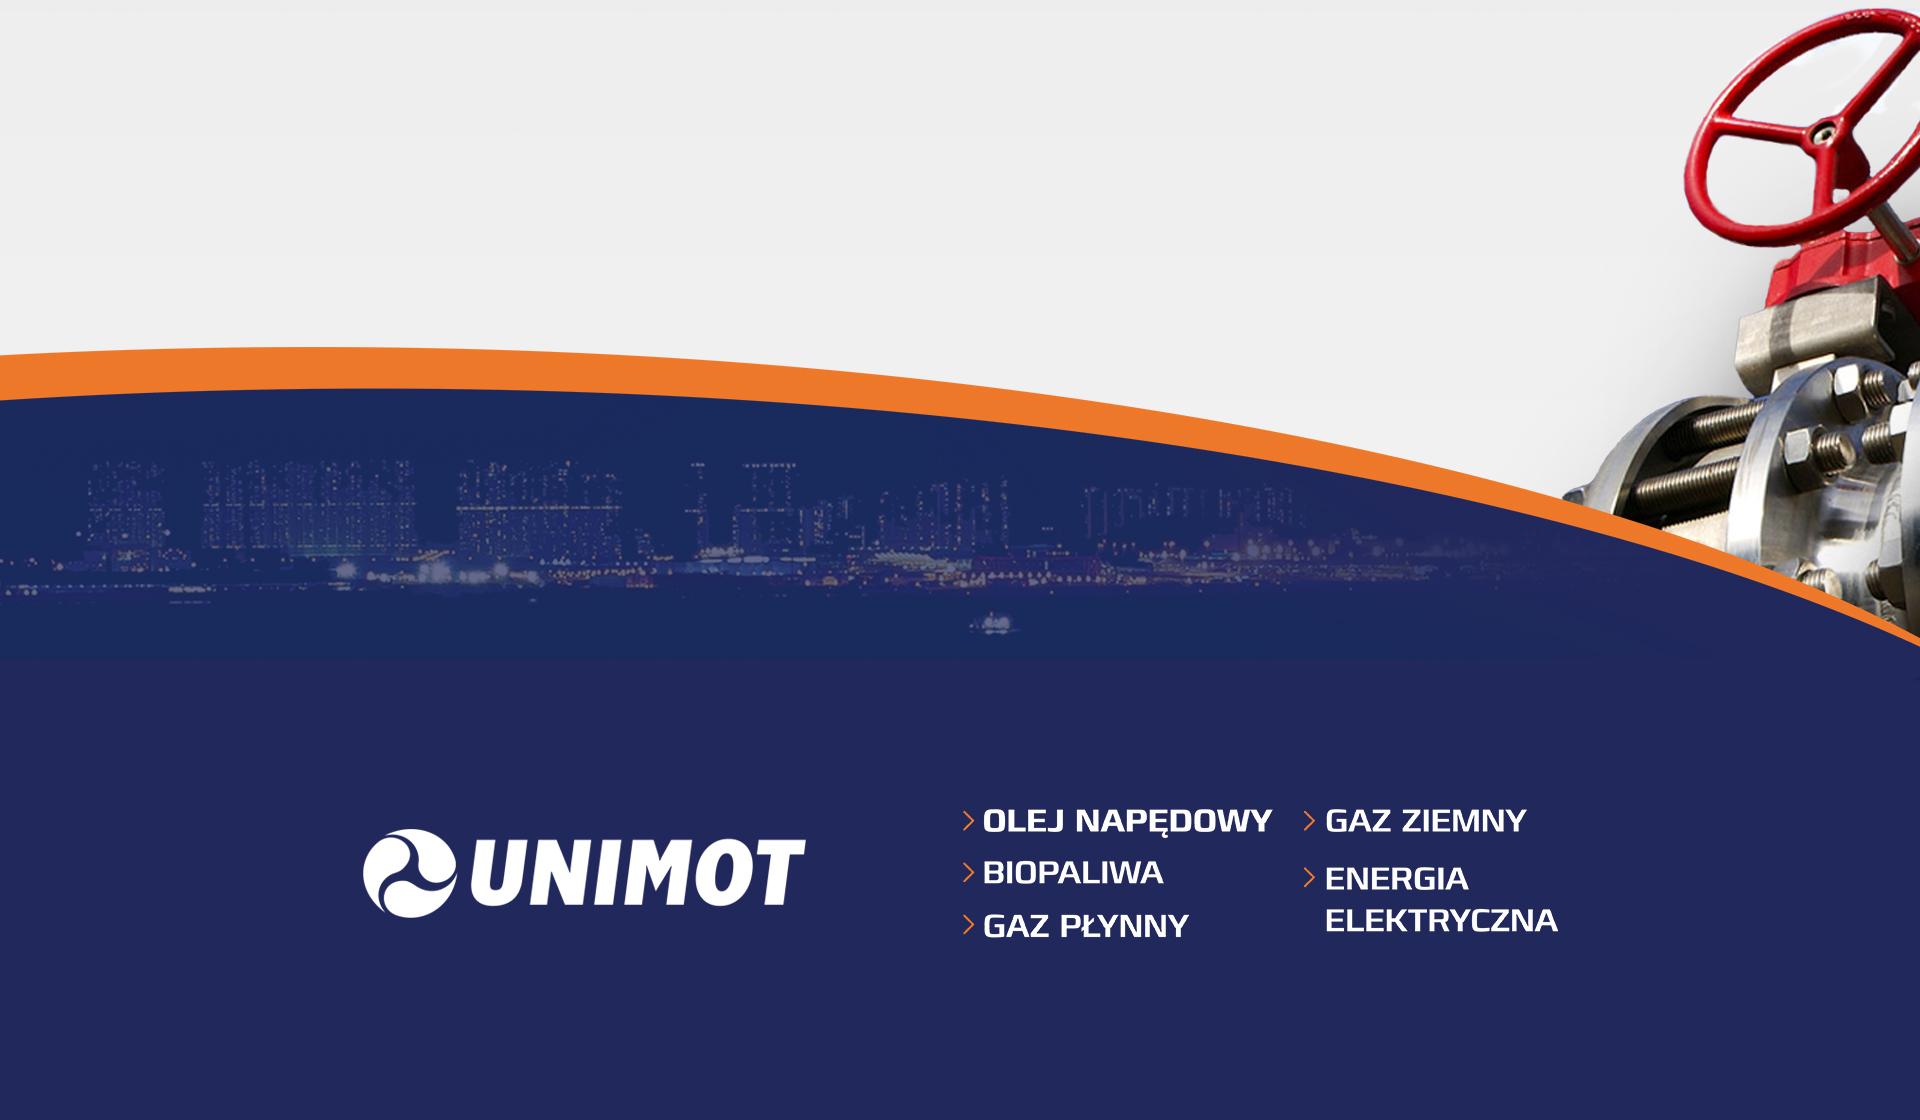 Unimot - Realizacja - Agencja ROXART